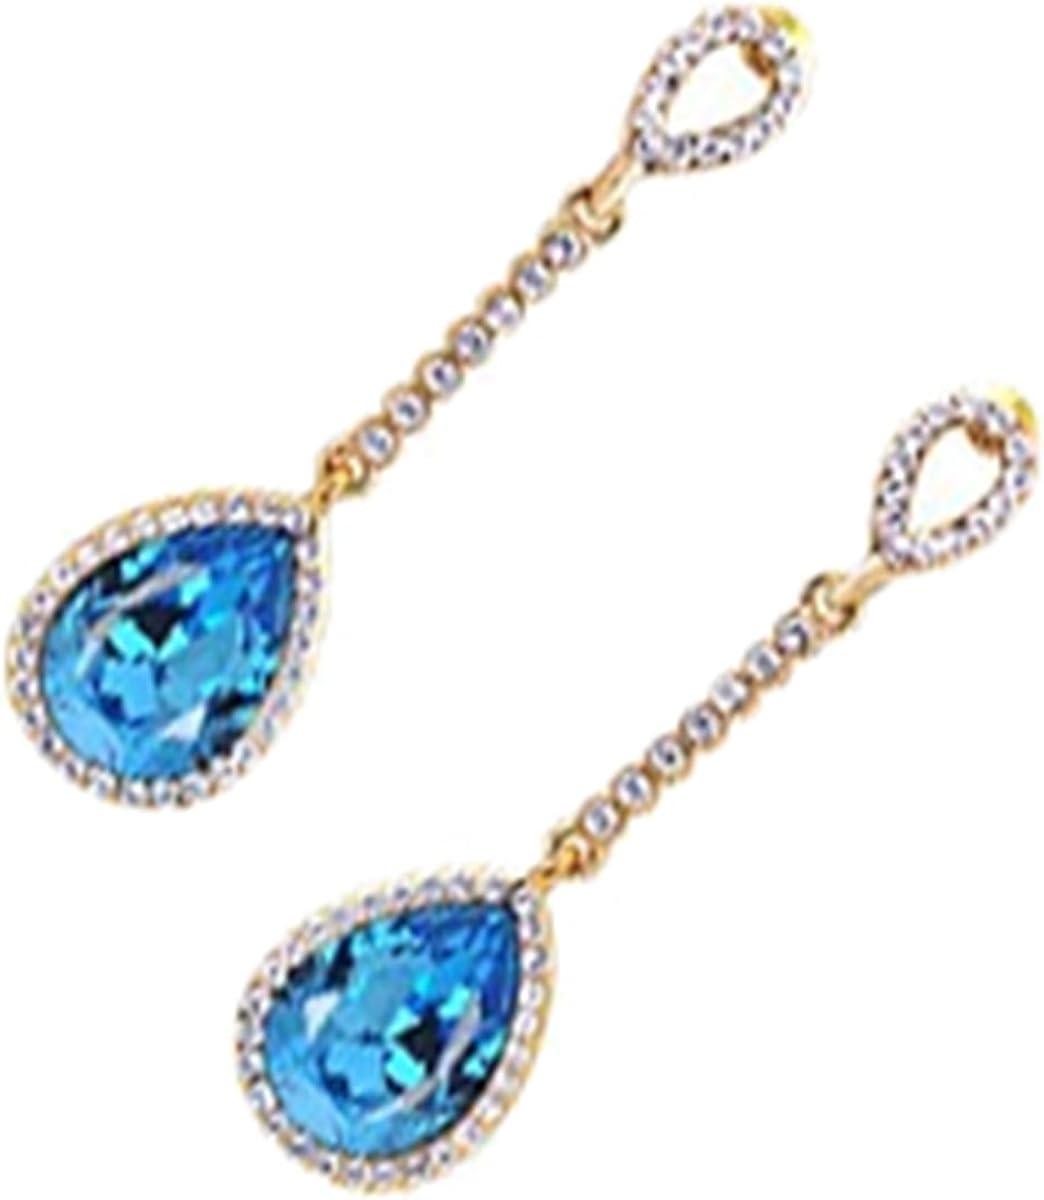 GWG Jewellery Pendientes Mujer Regalo Pendientes Colgantes, Chapados en Oro 18K Cristal Redondo Colorado Colgado en Aro con Cierre Decorado con Piedras Brillantes para Mujeres